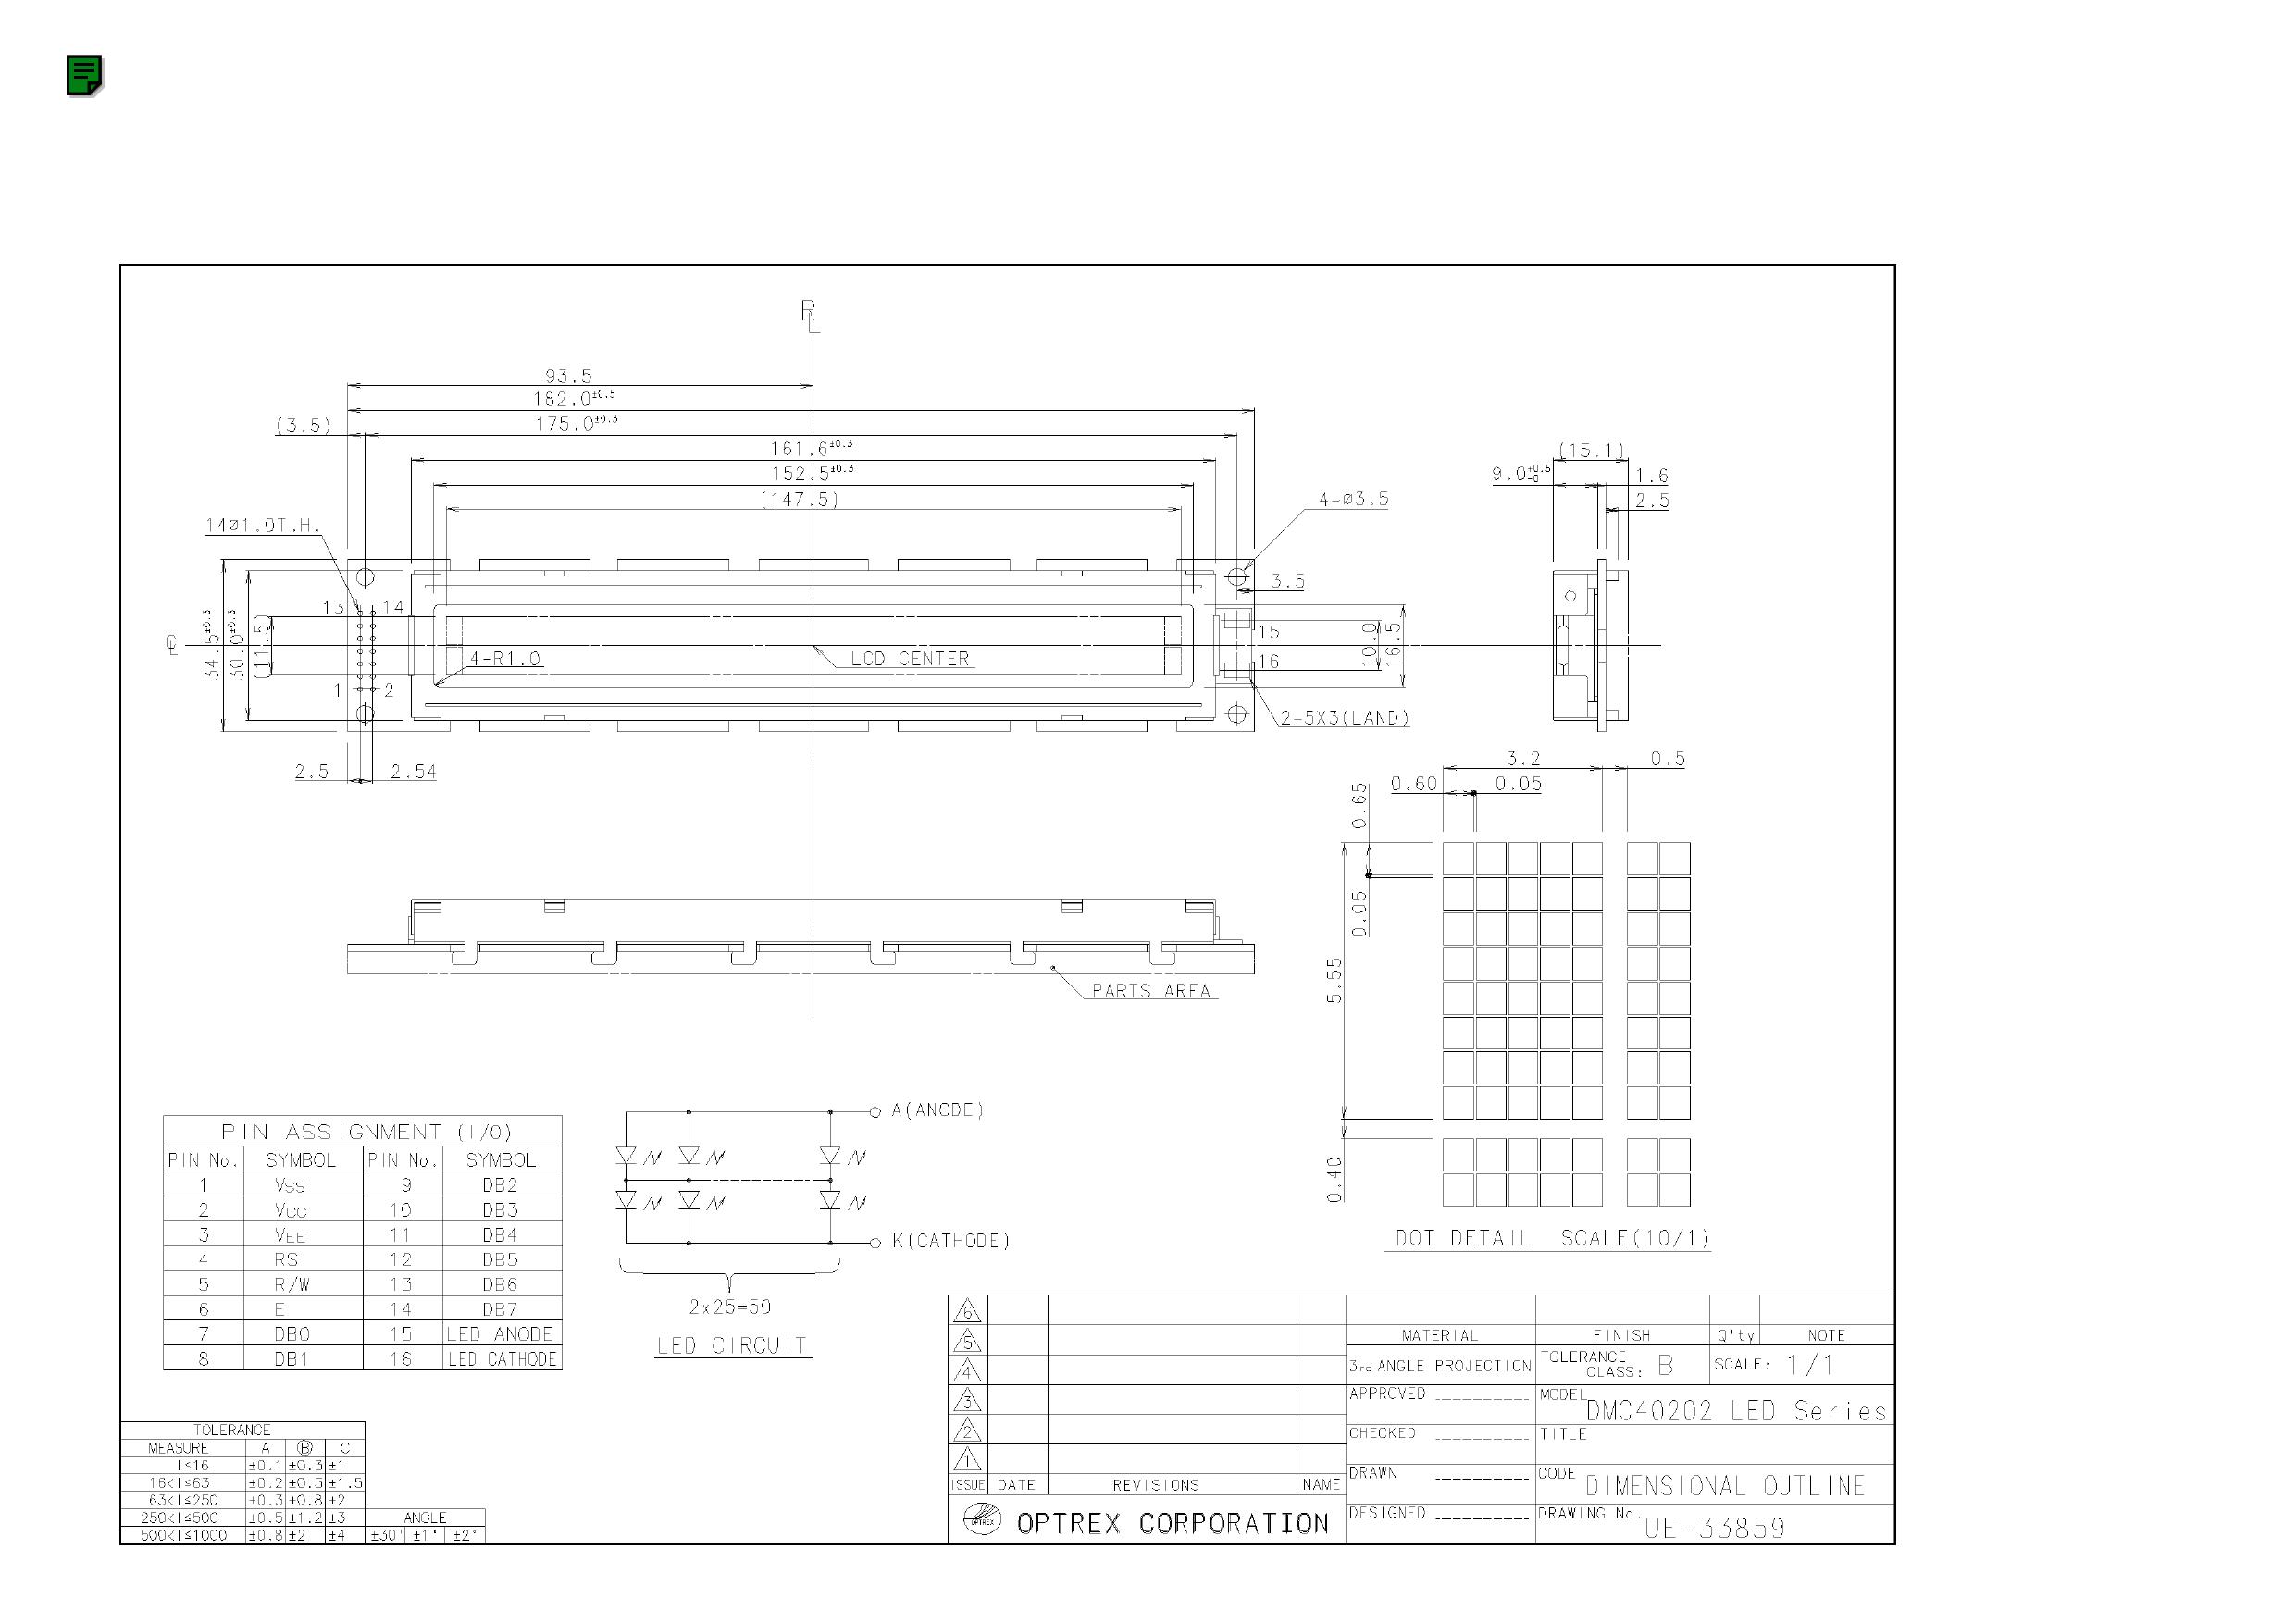 DMC40202 datasheet